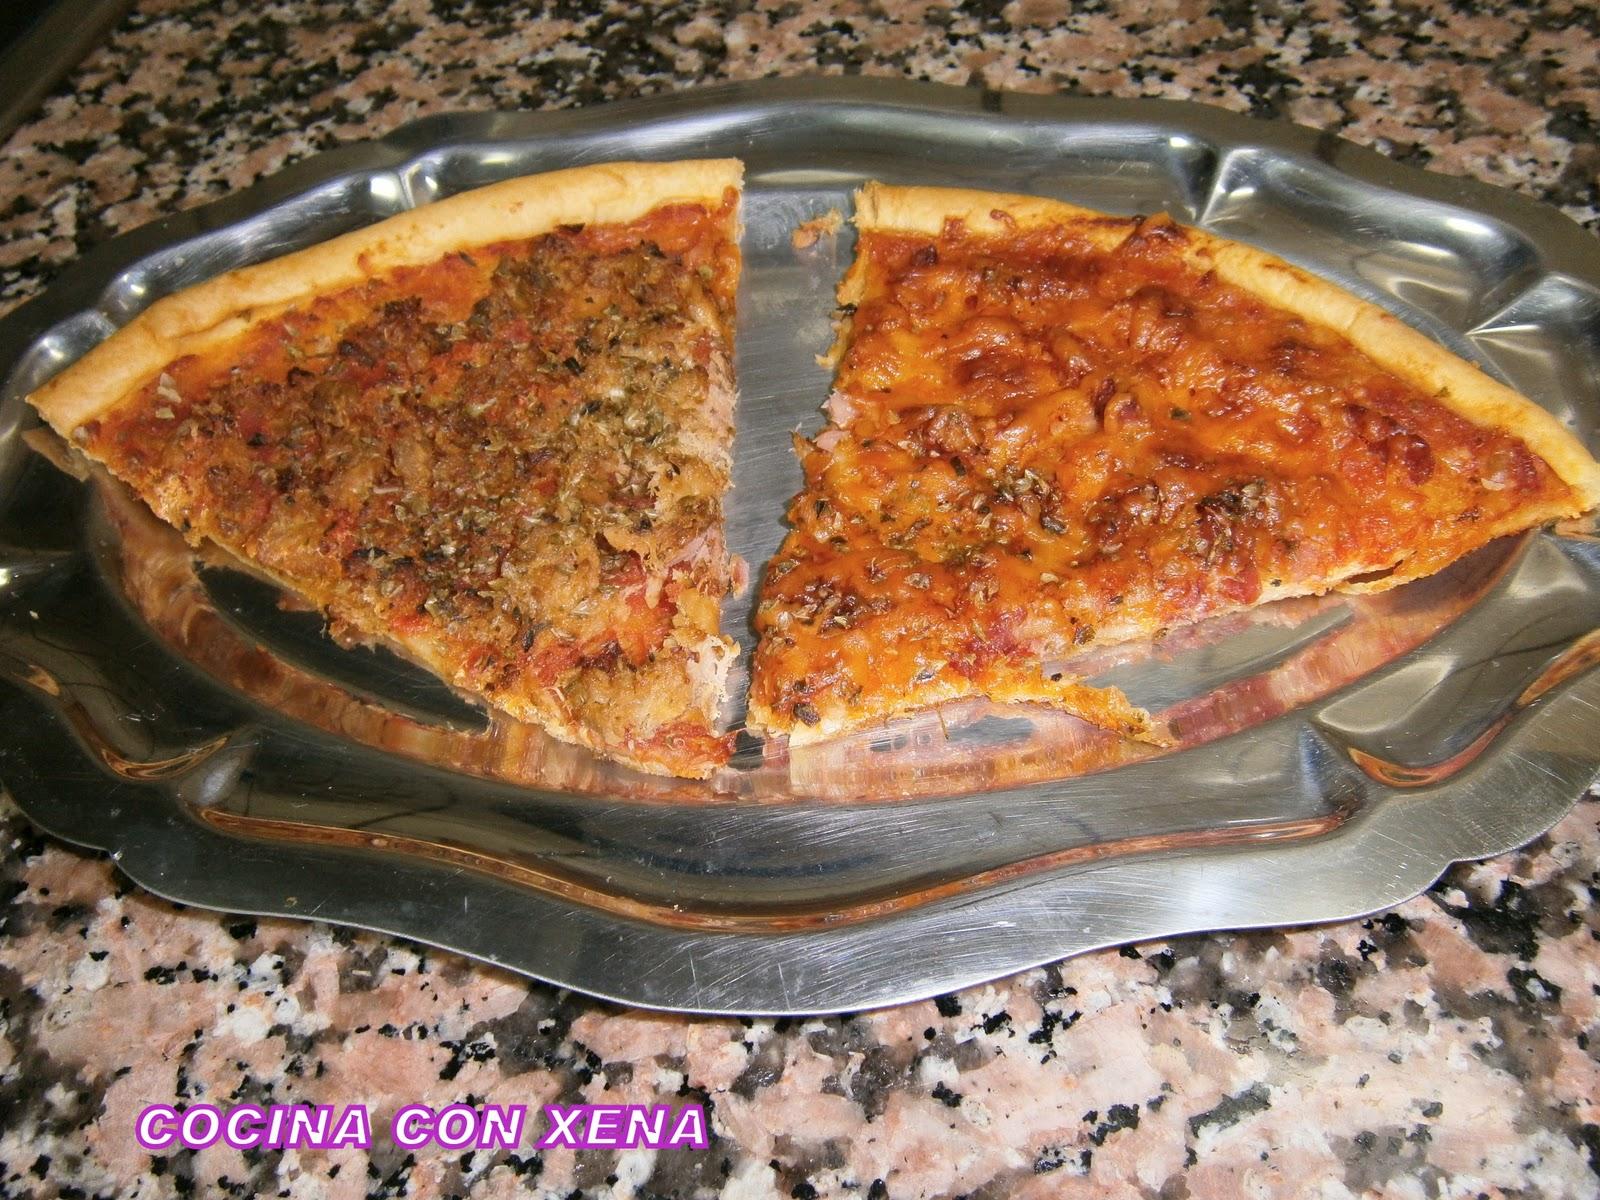 COCINA CON XENA Pizza con masa quebrada